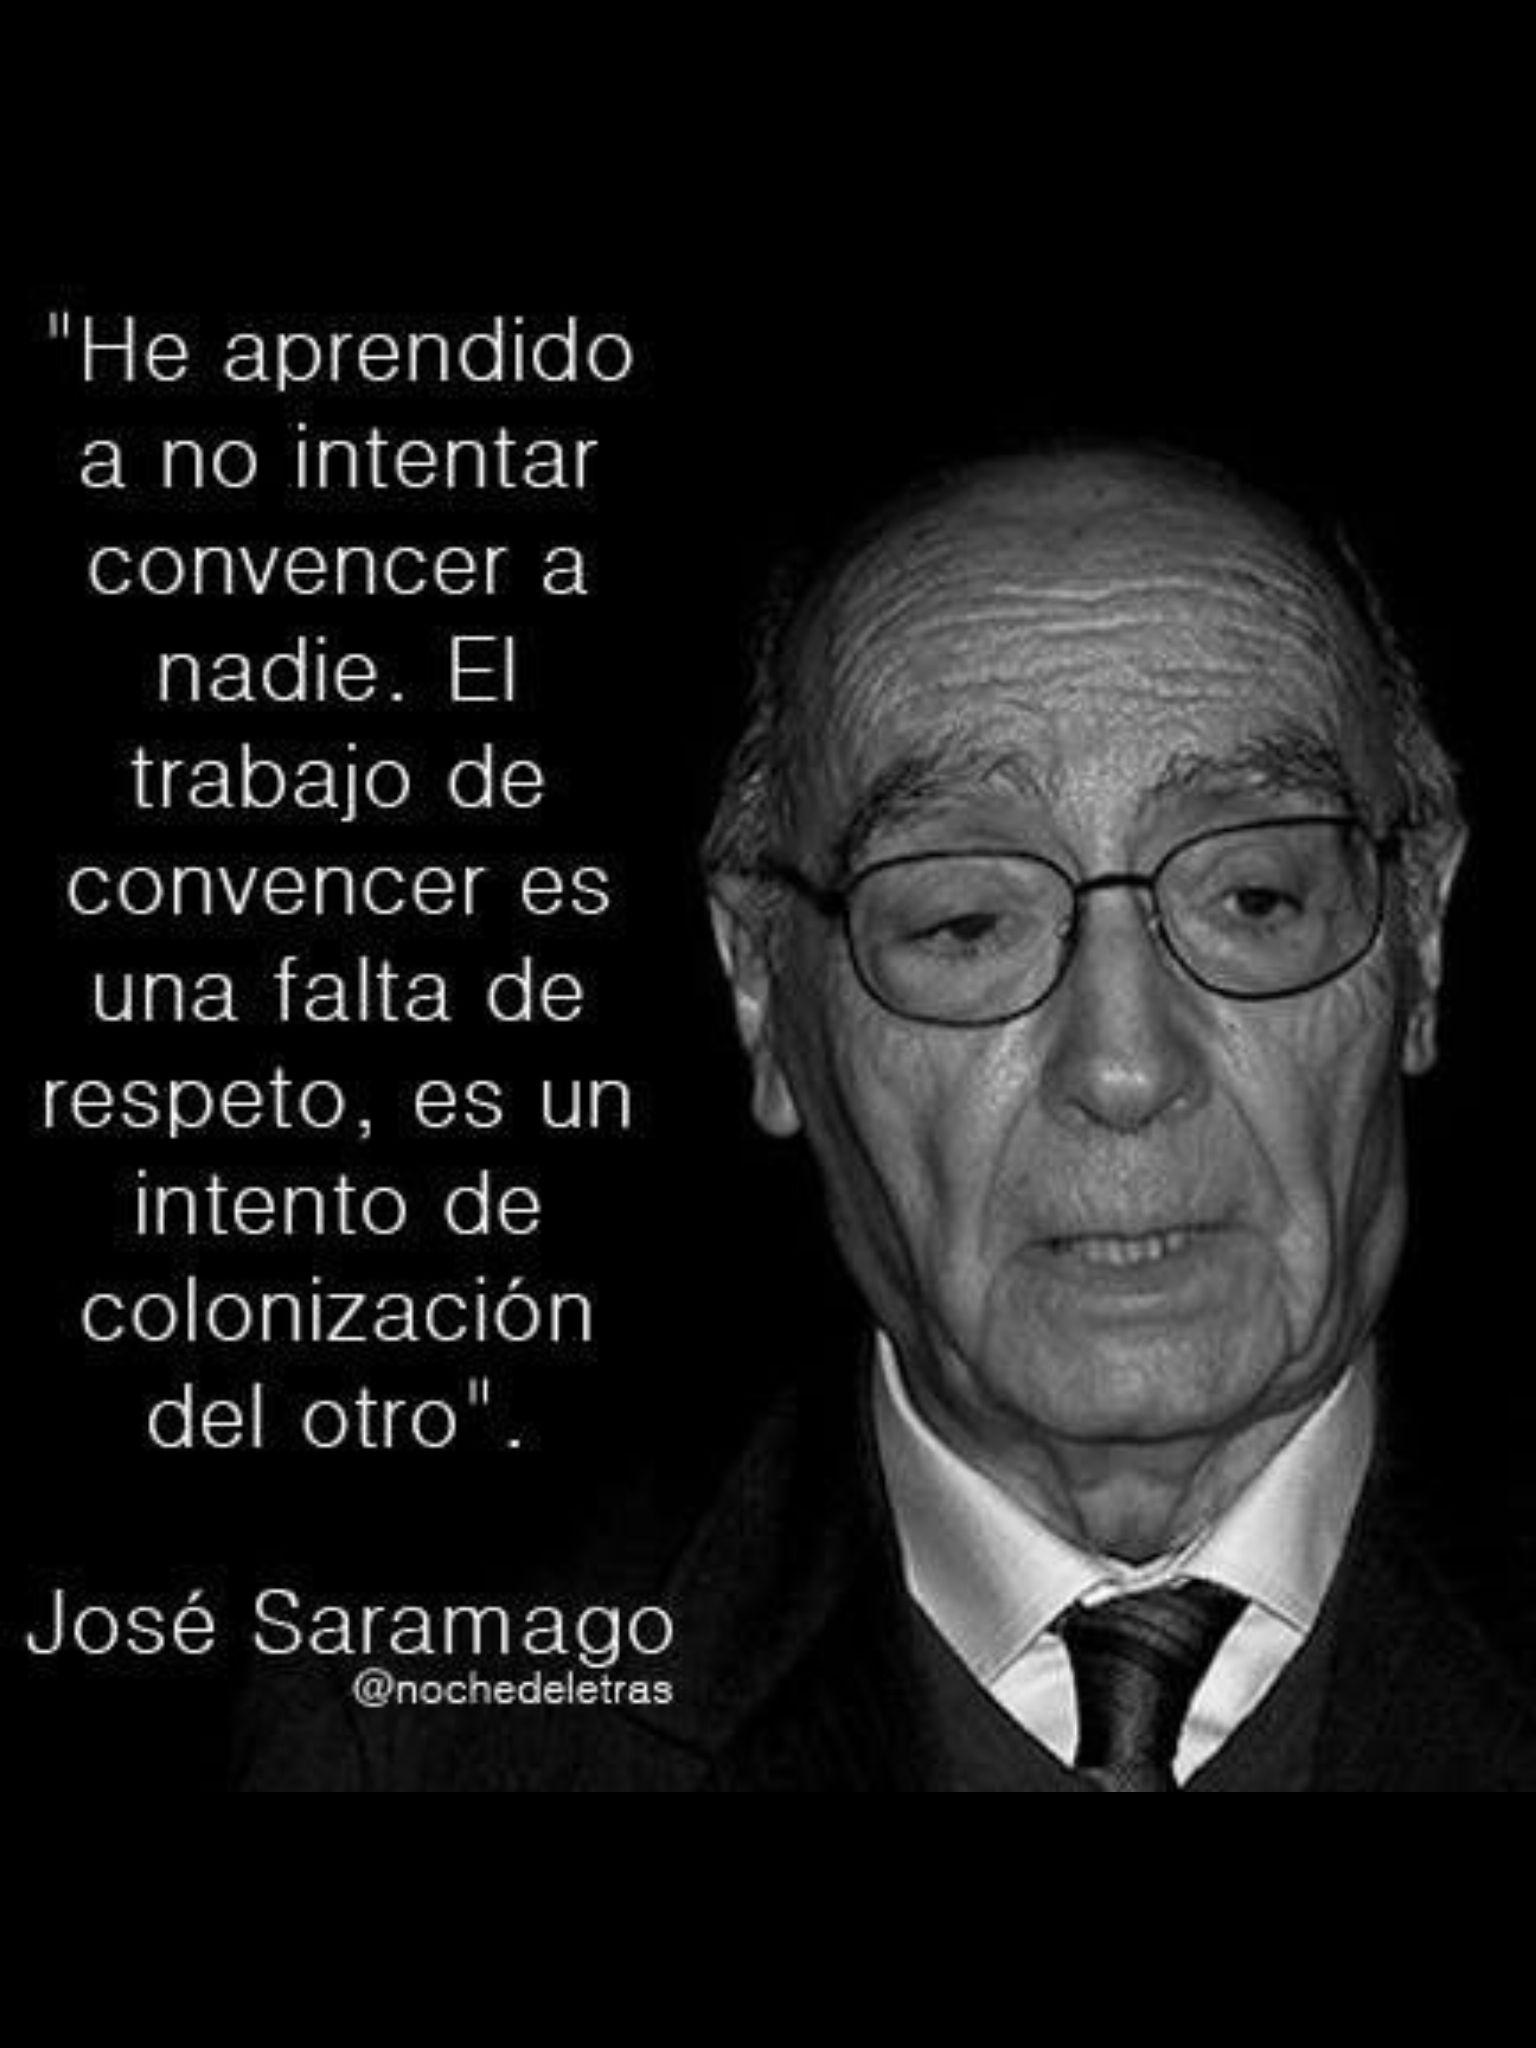 Blindness jose saramago quotes